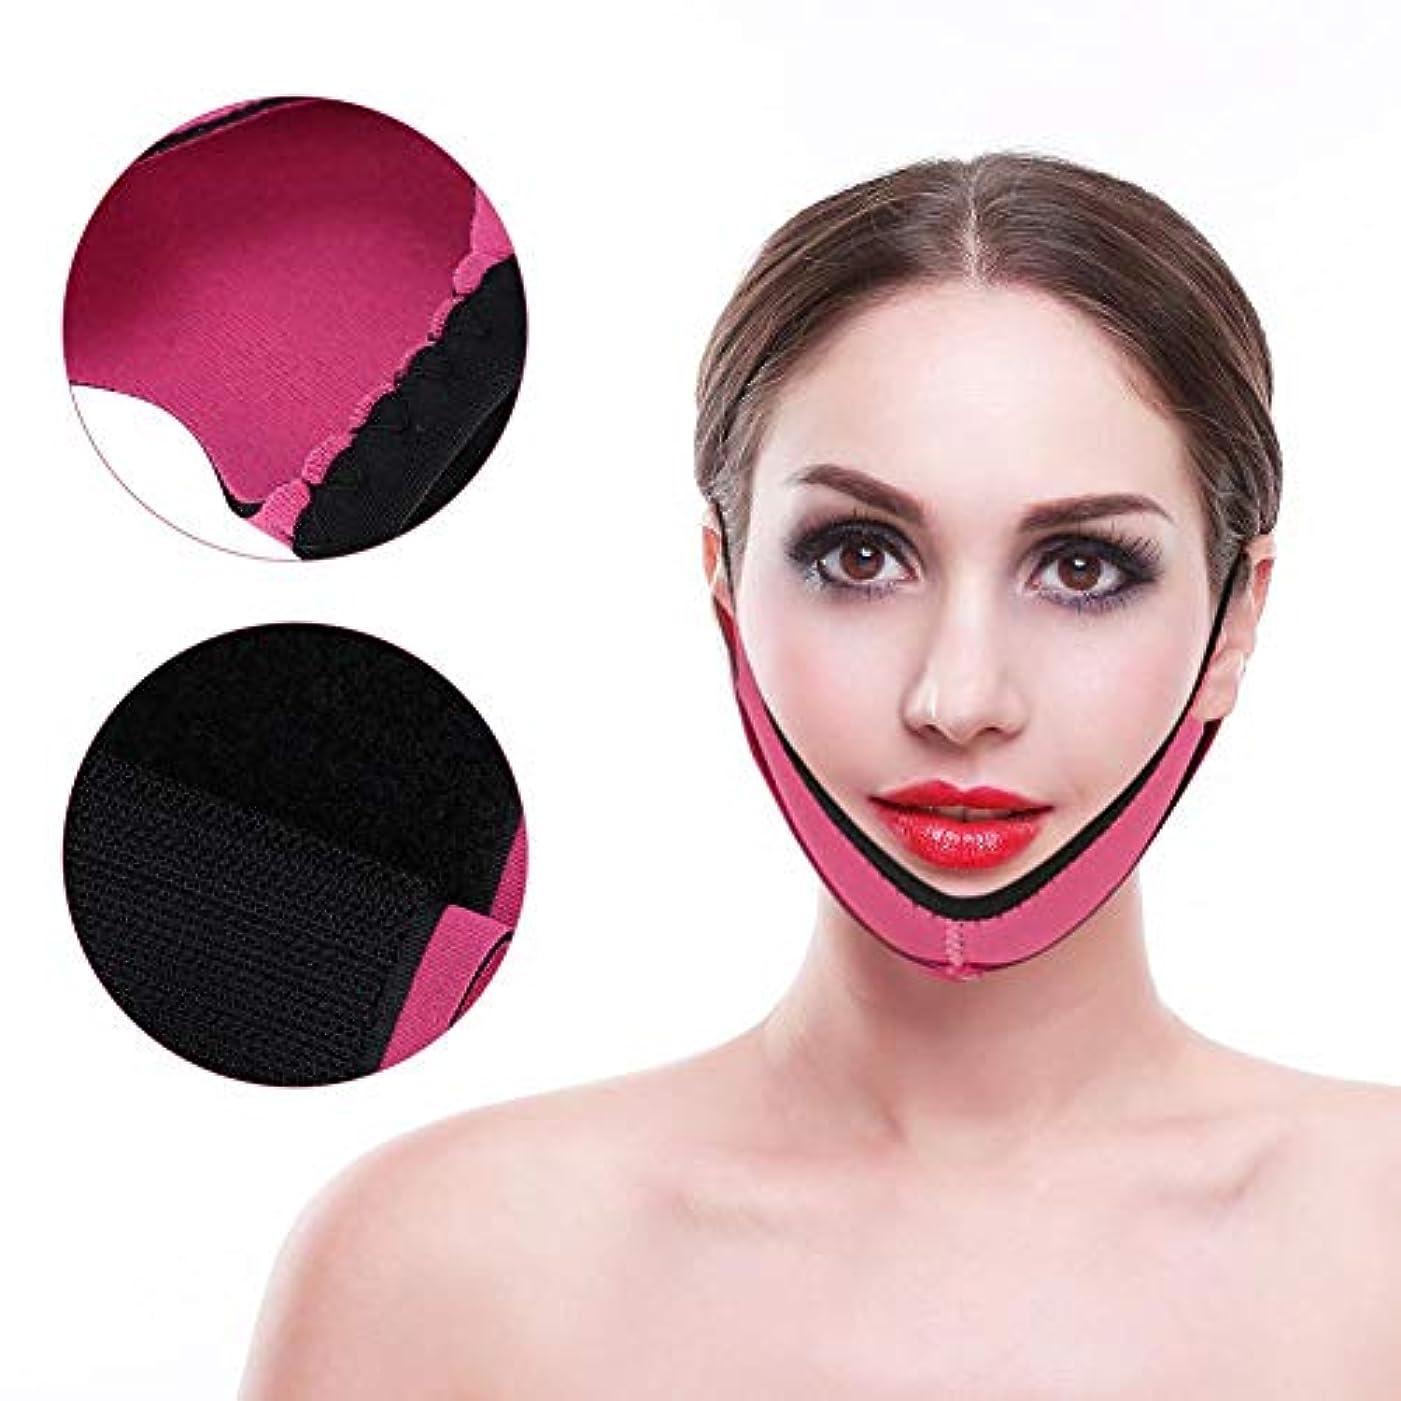 慣性薄いです強制Vフェイスラインベルト、超薄型ストラップバンドVフェイスラインベルトは、二重あごと顔面筋の弛緩を効果的に改善します。